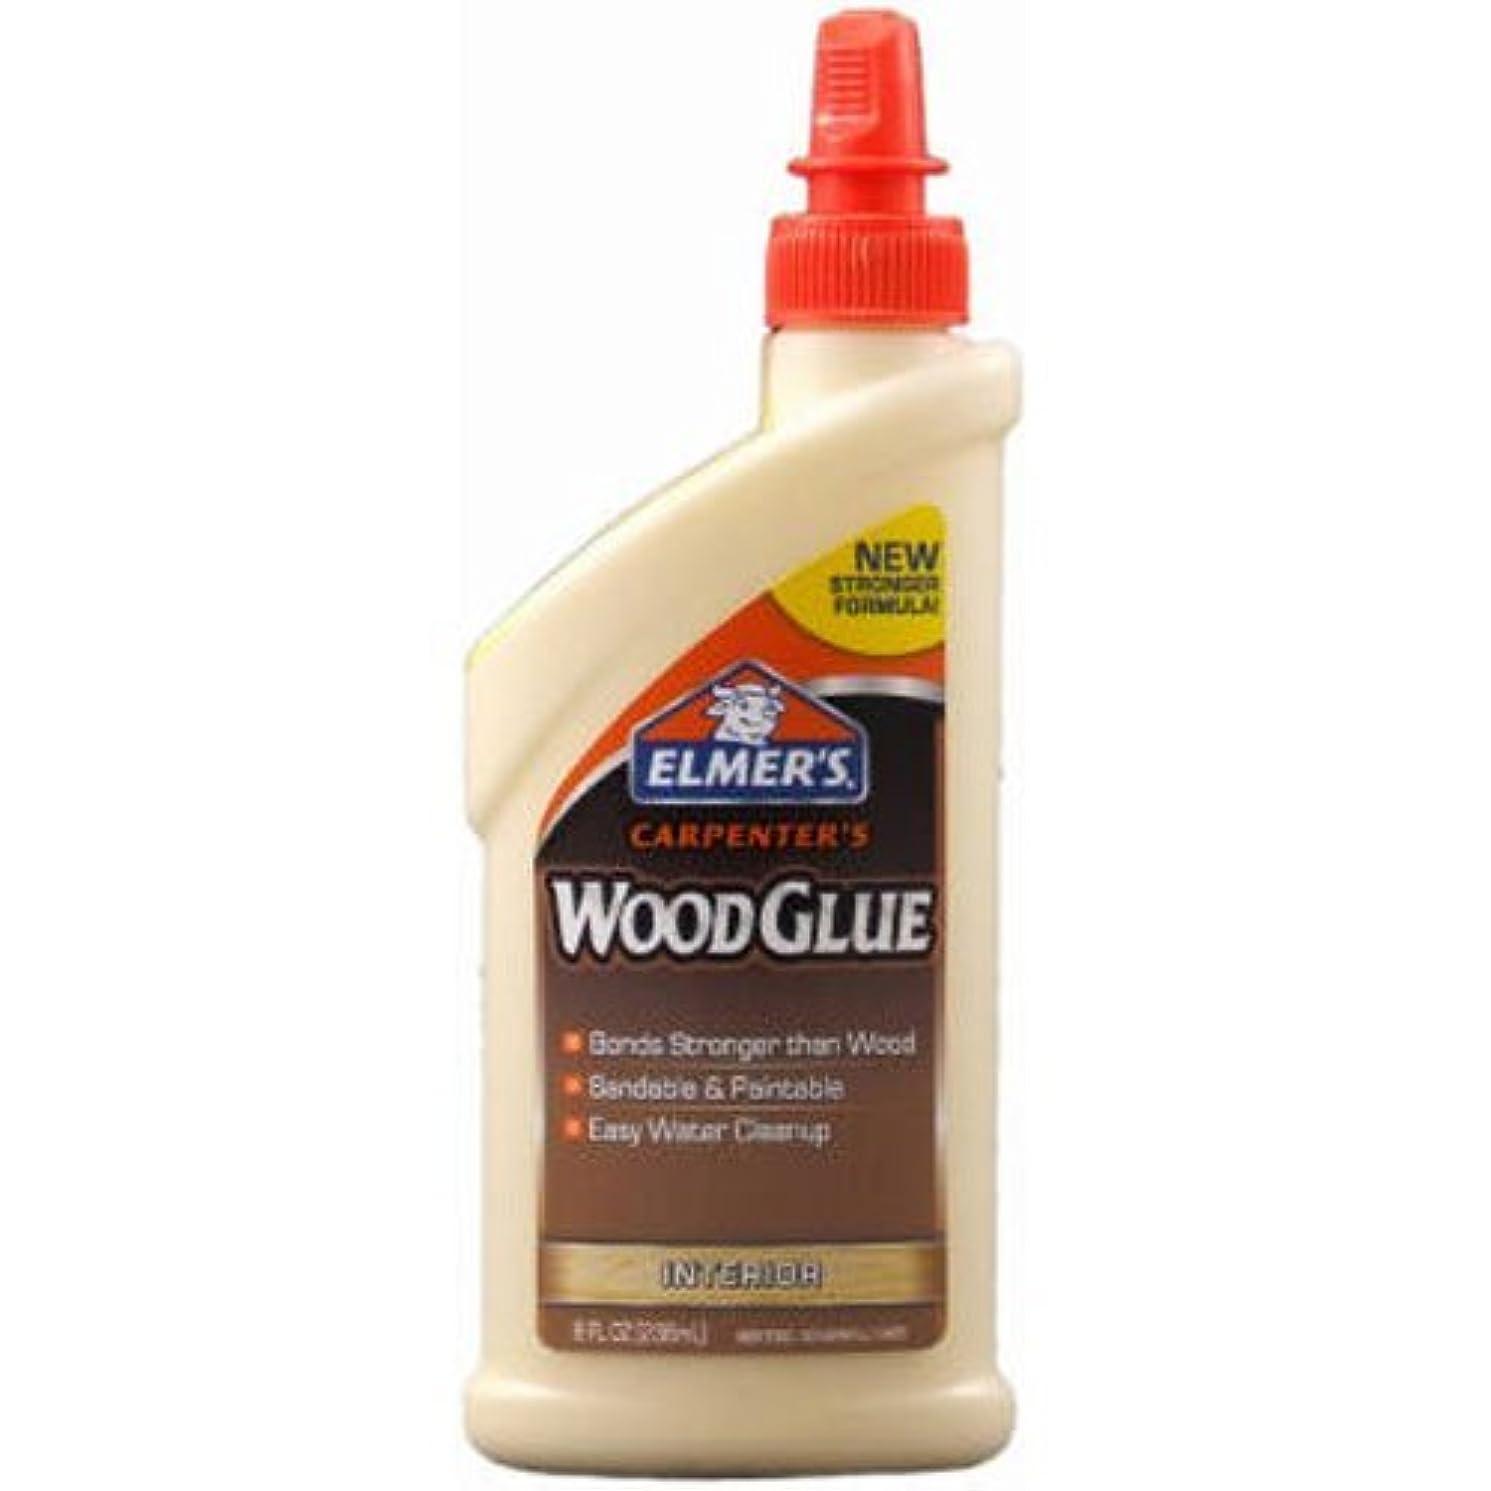 Elmer's E7010 Carpenter's Wood Glue, Interior, 8 Ounces by Elmer's